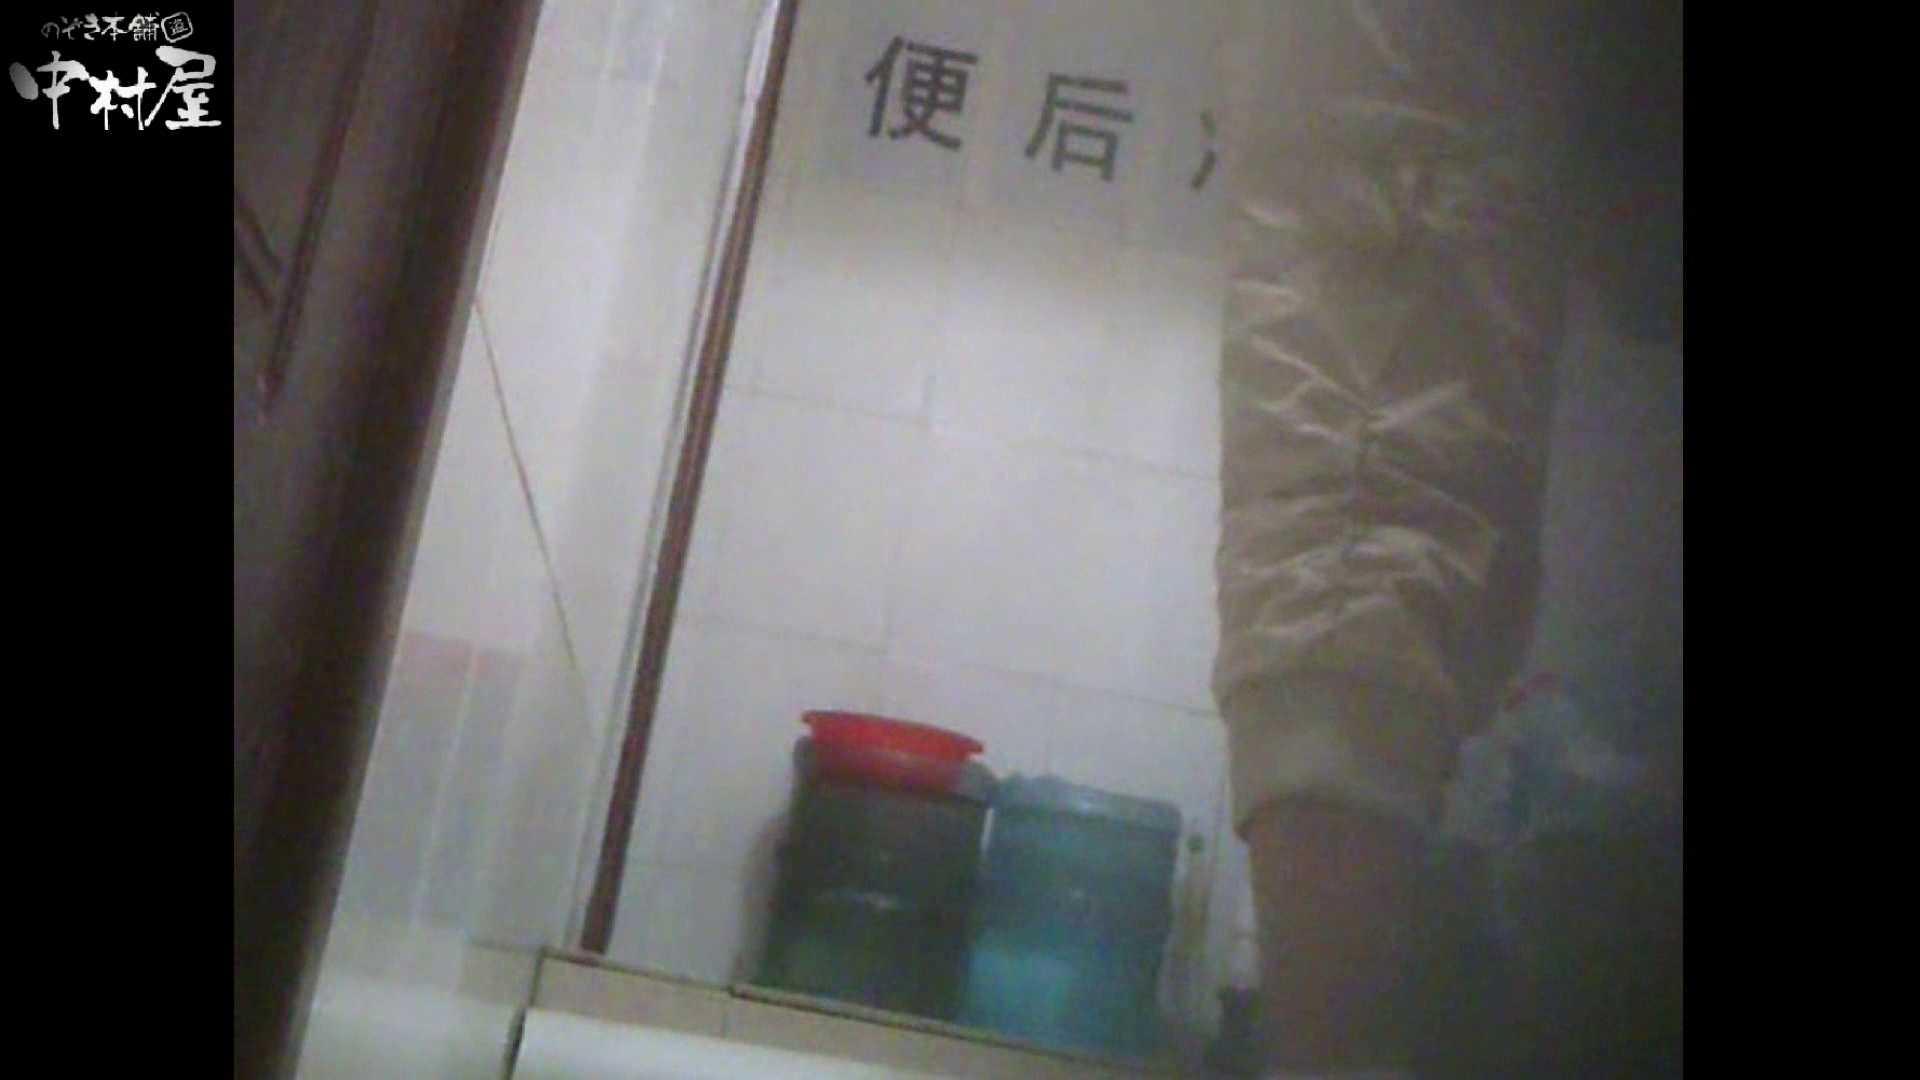 李さんの盗撮日記 Vol.08 ギャルのエロ動画 オメコ無修正動画無料 80PIX 66